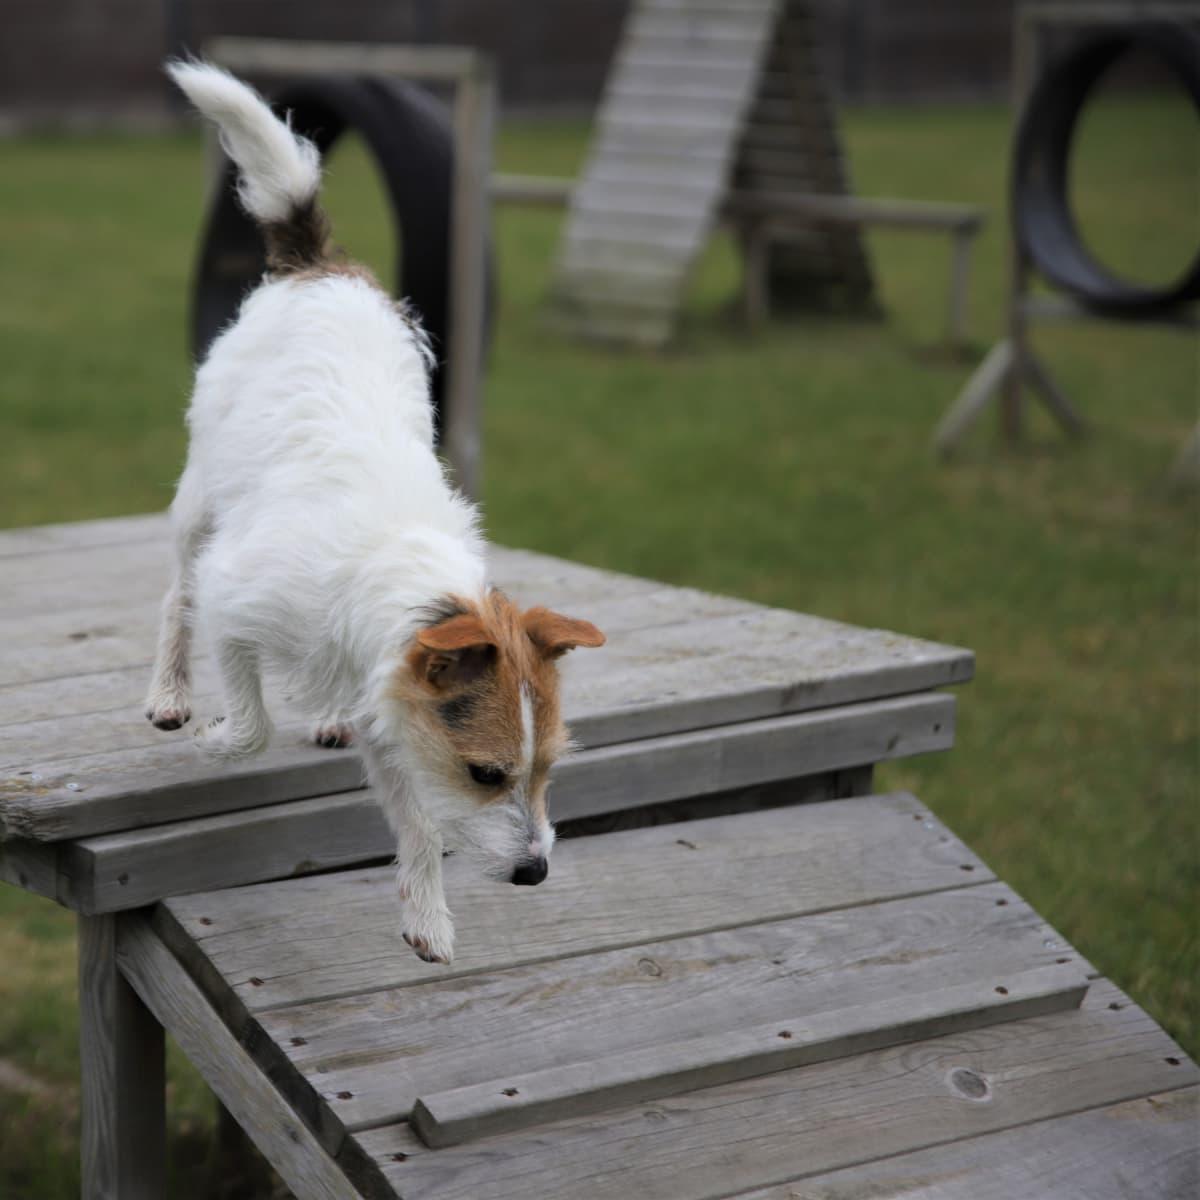 Koiraa kiipeilee agilityradan telineillä